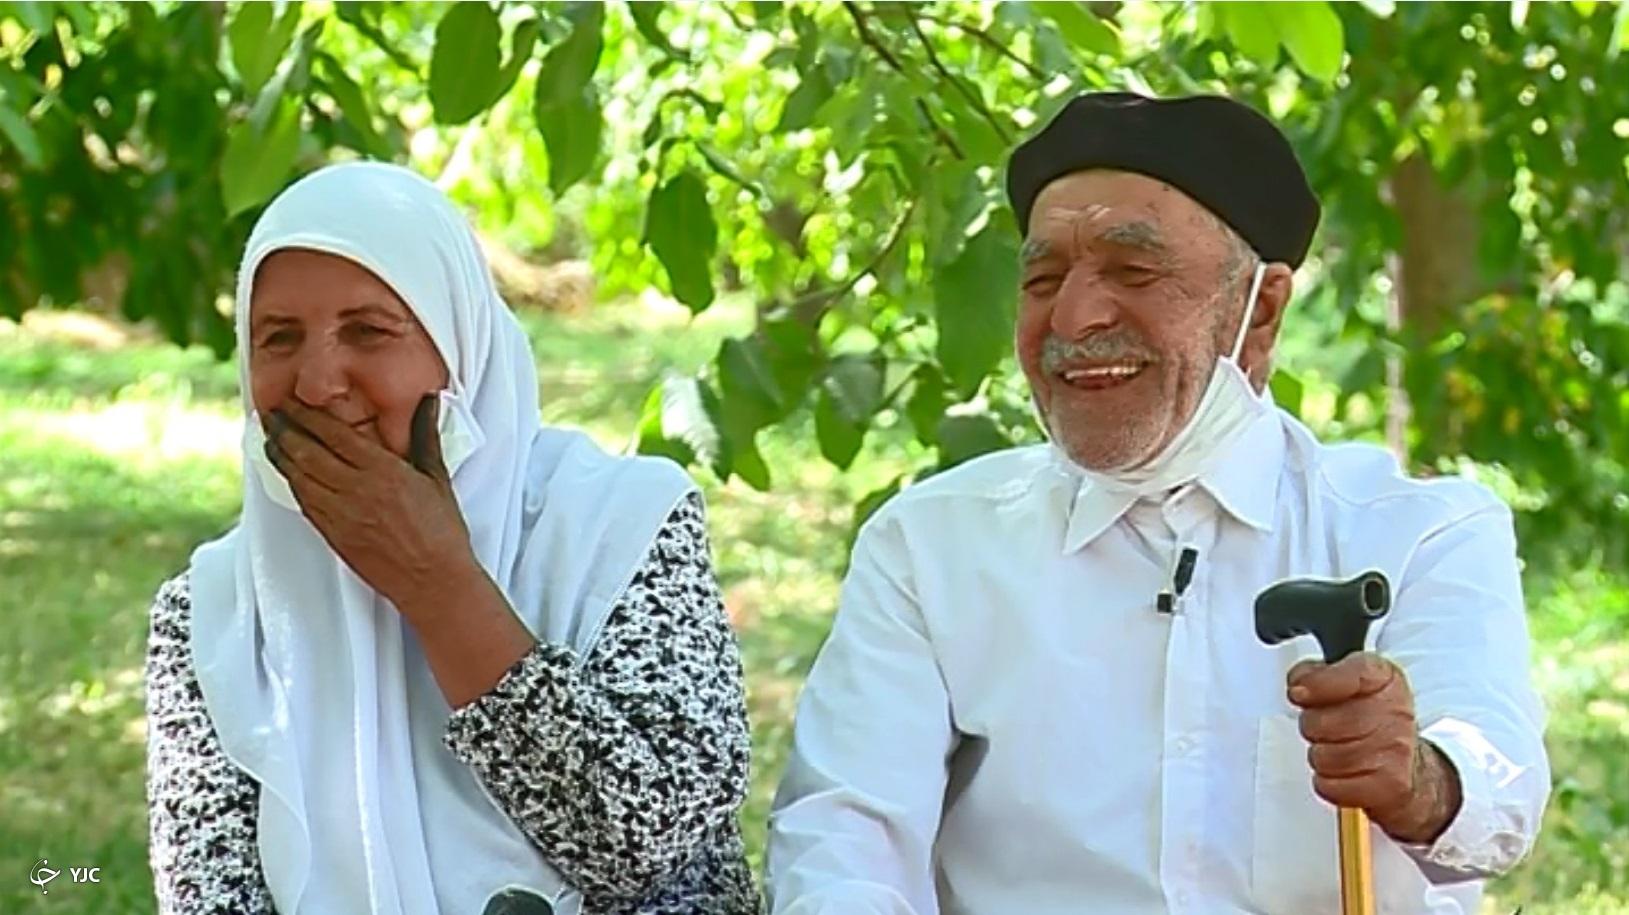 زوجها بهمرور زمان شبیه یکدیگر می شوند؟